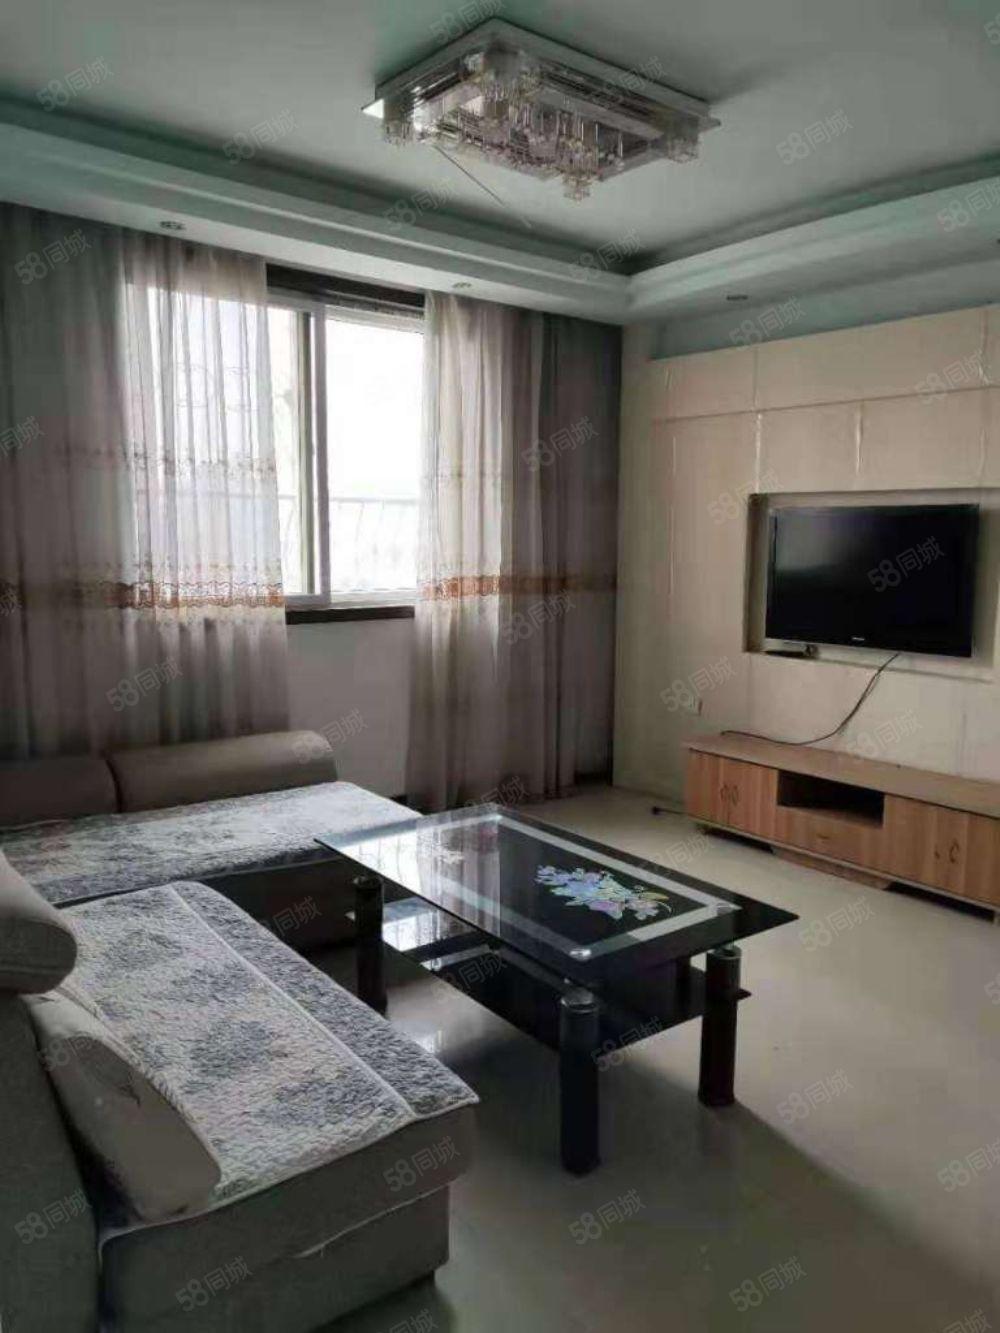 綠汀花園1室1廳精裝修,家具家電齊全,拎包入住年租8500